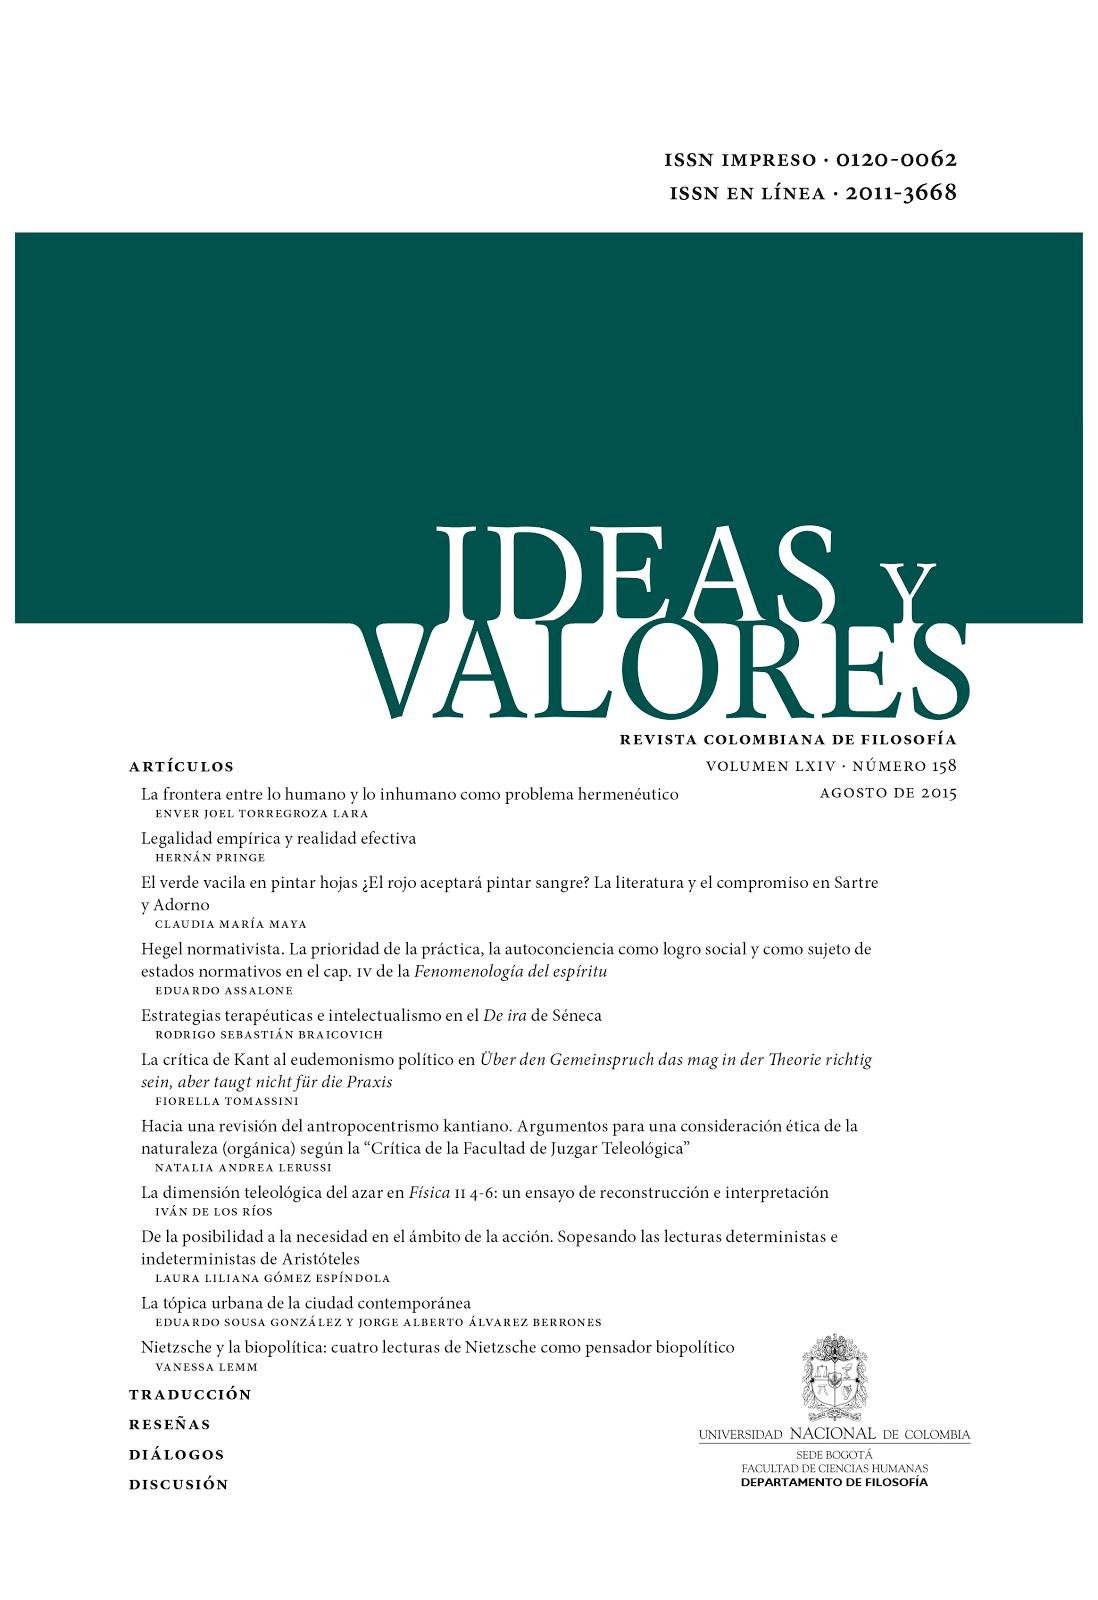 Hermenéutica y violencia. Reflexiones sobre Comunismo hermenéutico de Vattimo y Zabala